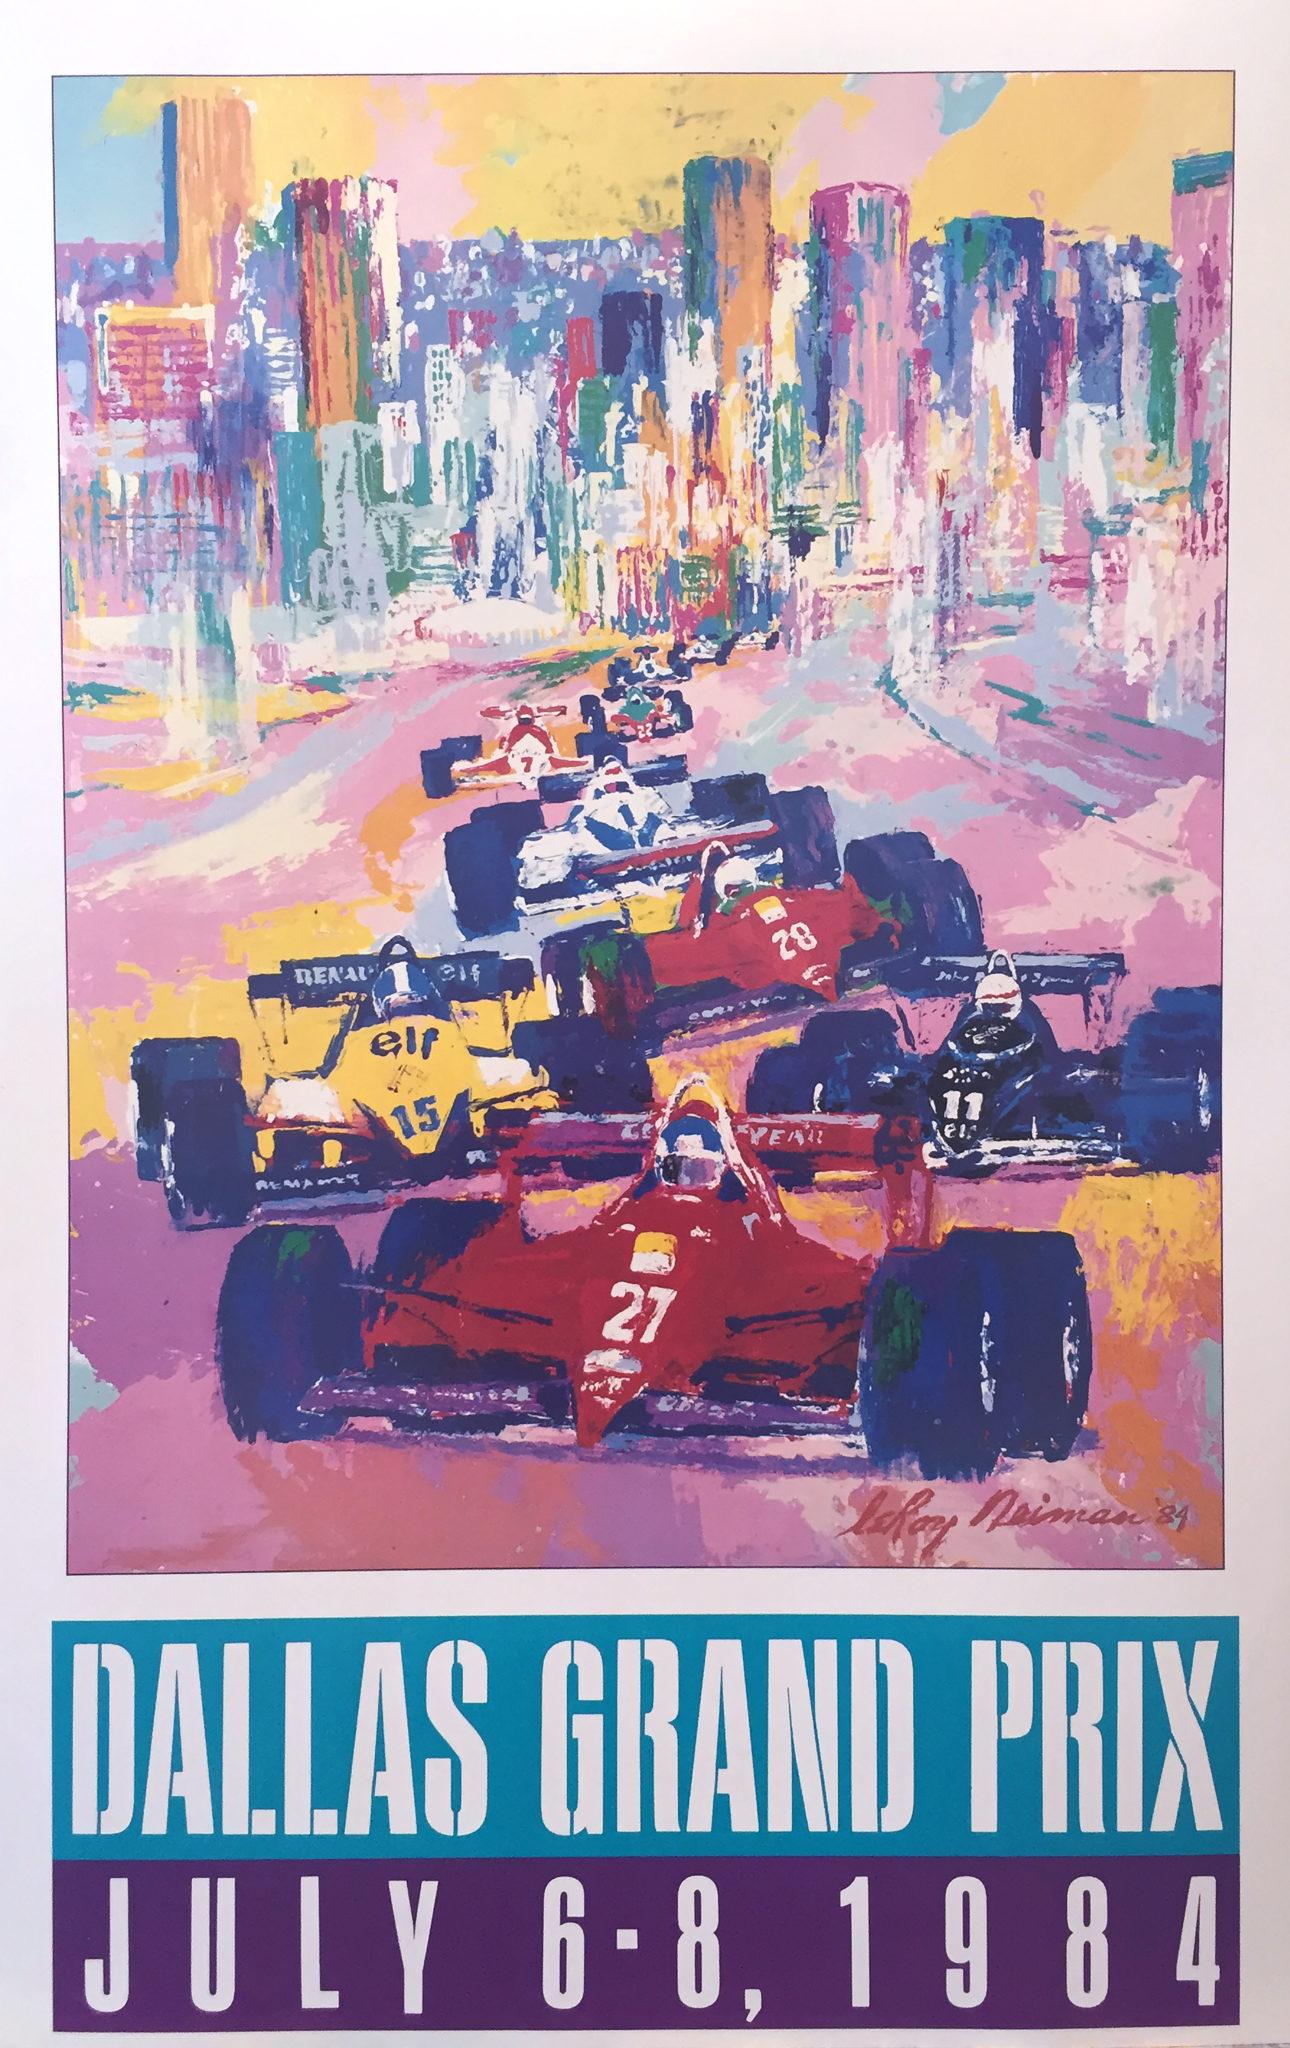 Dallas Grand Prix 1984 poster